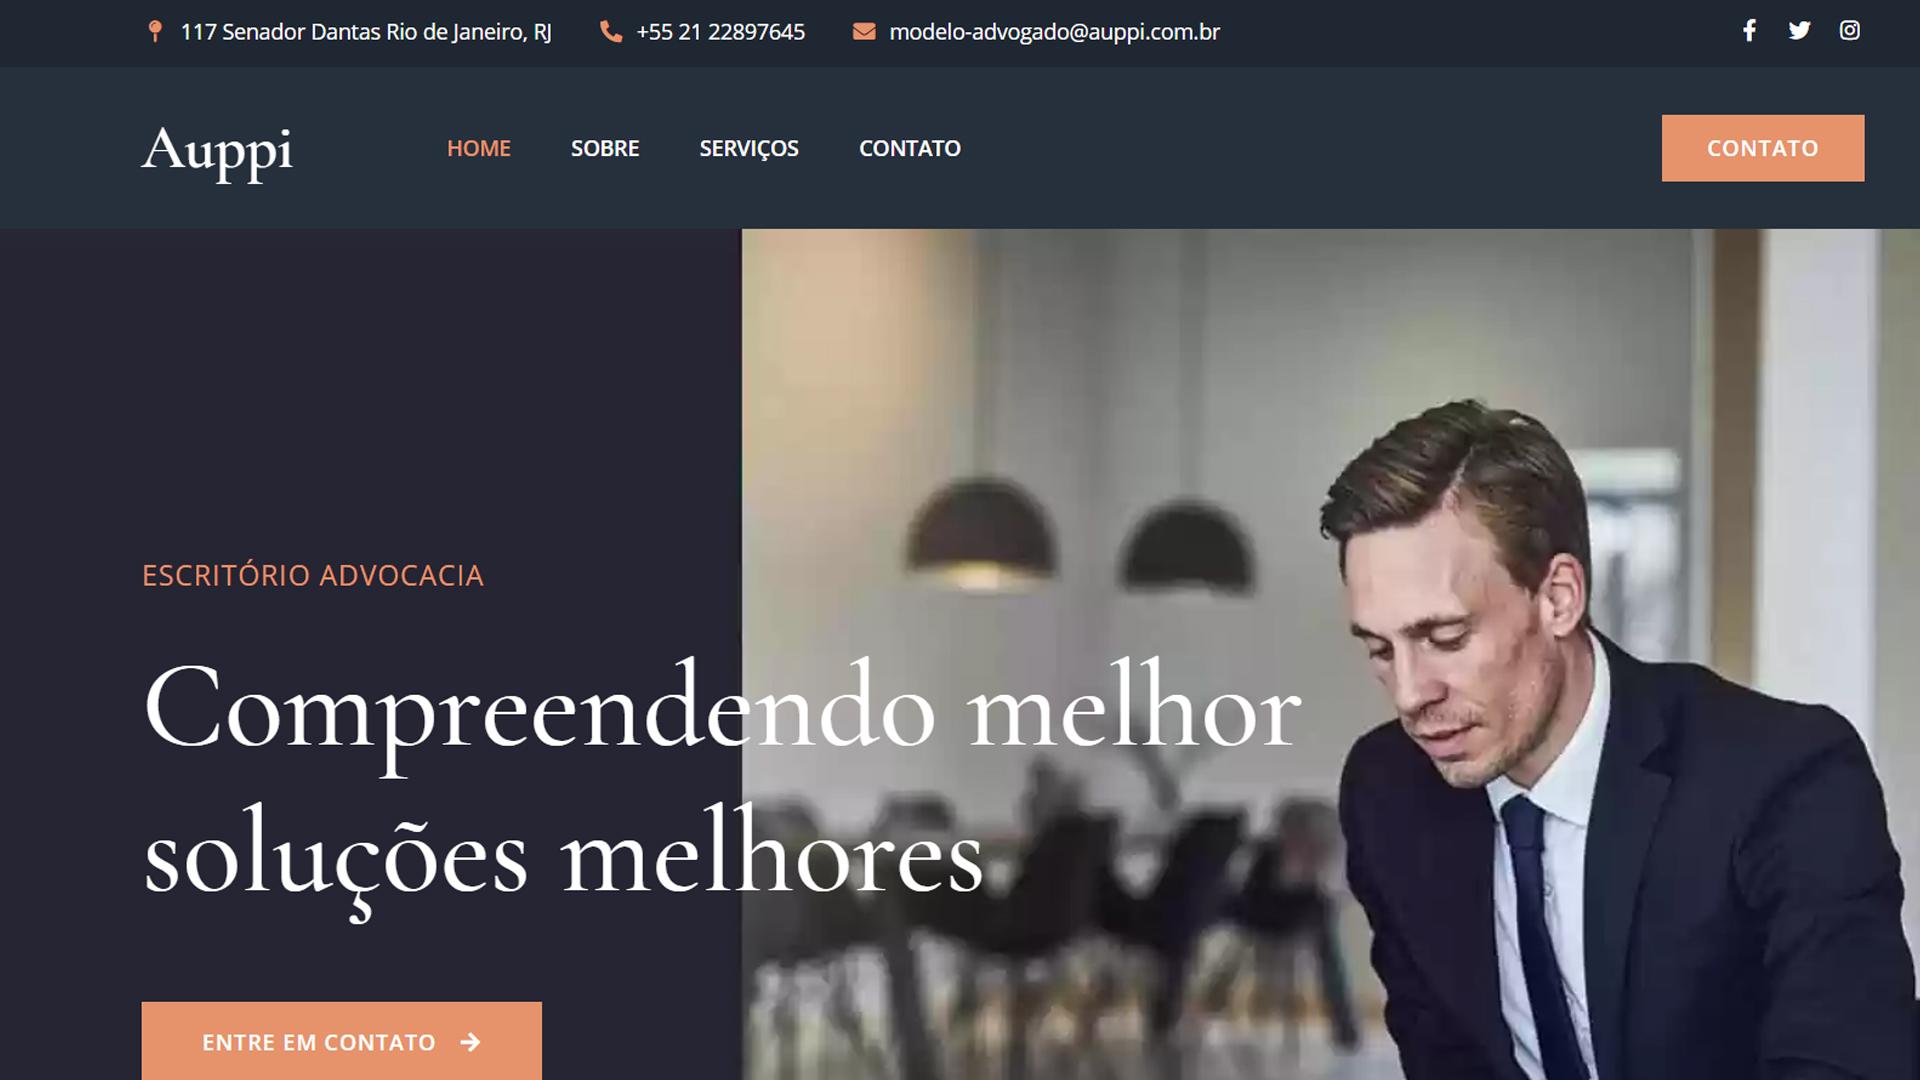 portfolio criação de sites modelo advogado